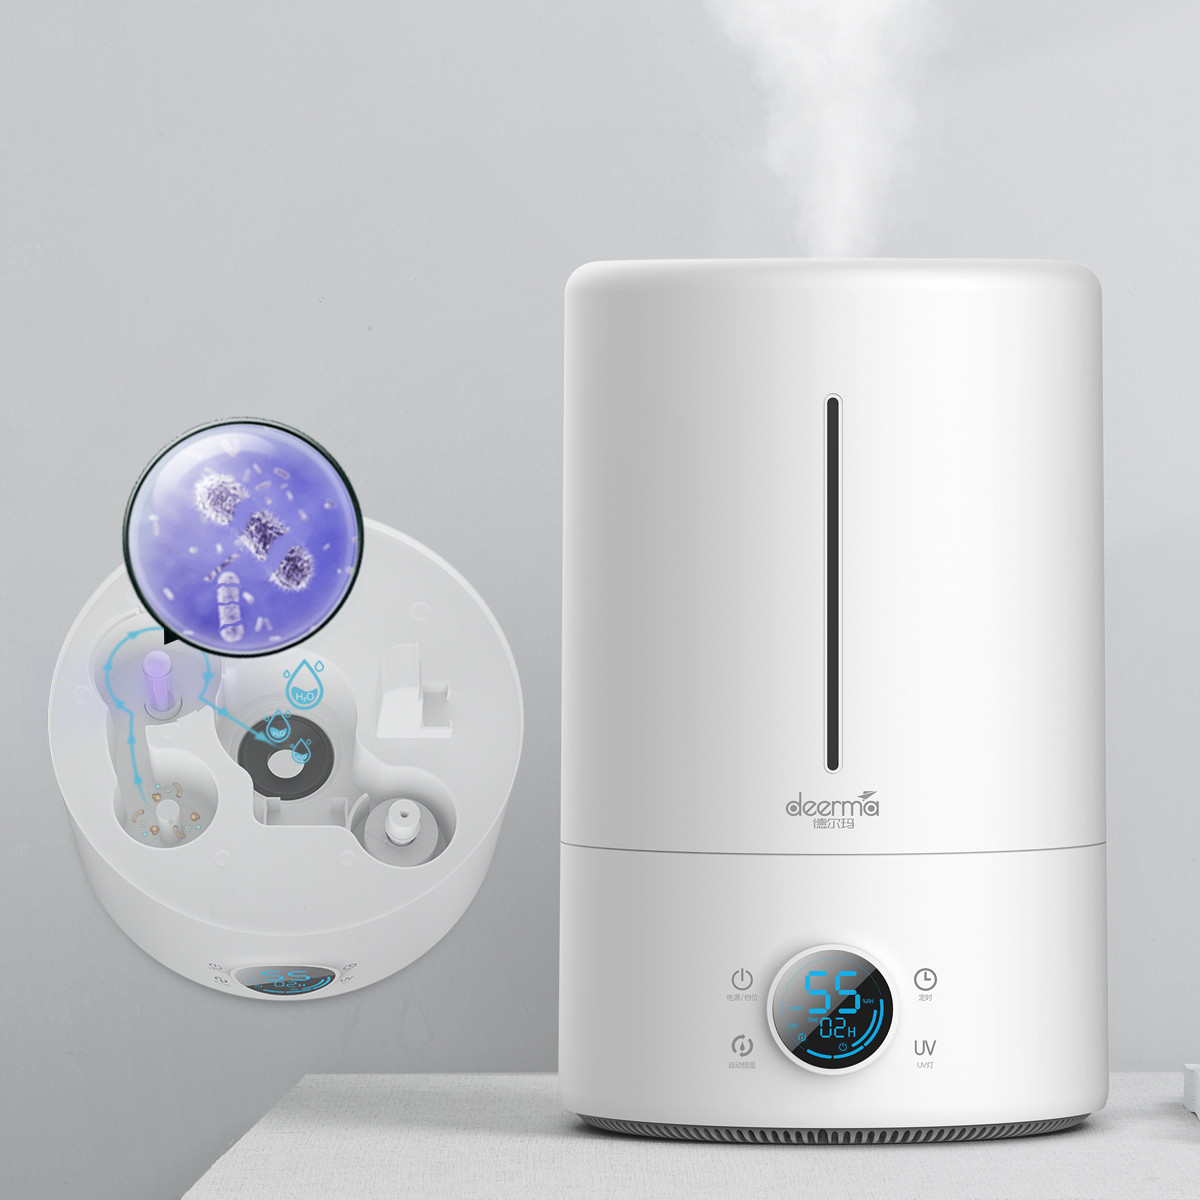 德尔玛德尔玛 家用加湿器 办公室加湿器 智能恒湿香薰机 F628SF628S